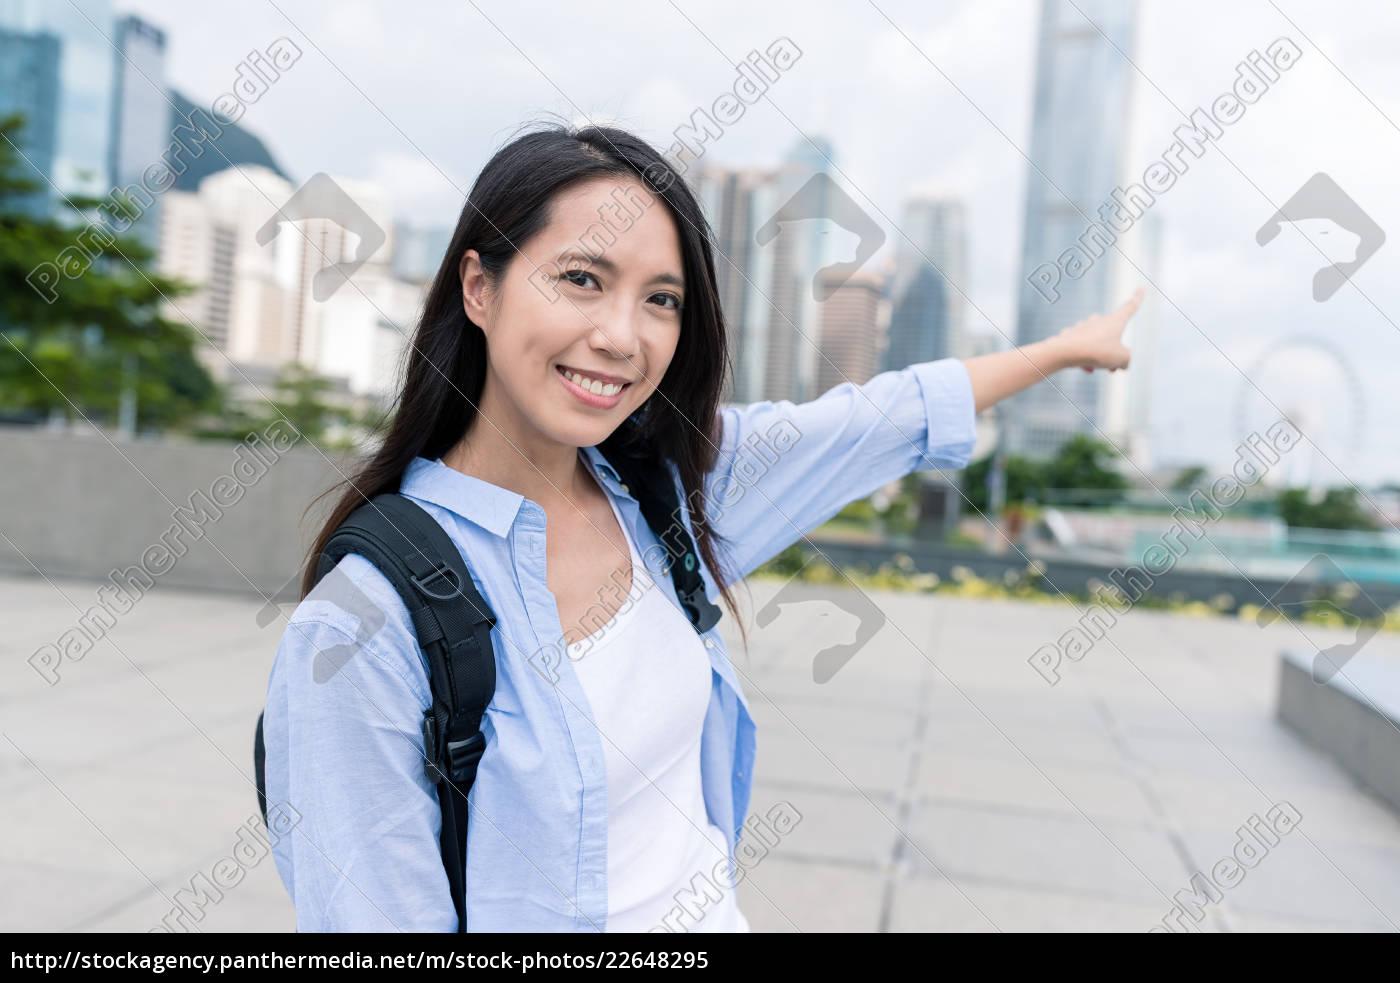 happy, woman, visit, hong, kong - 22648295